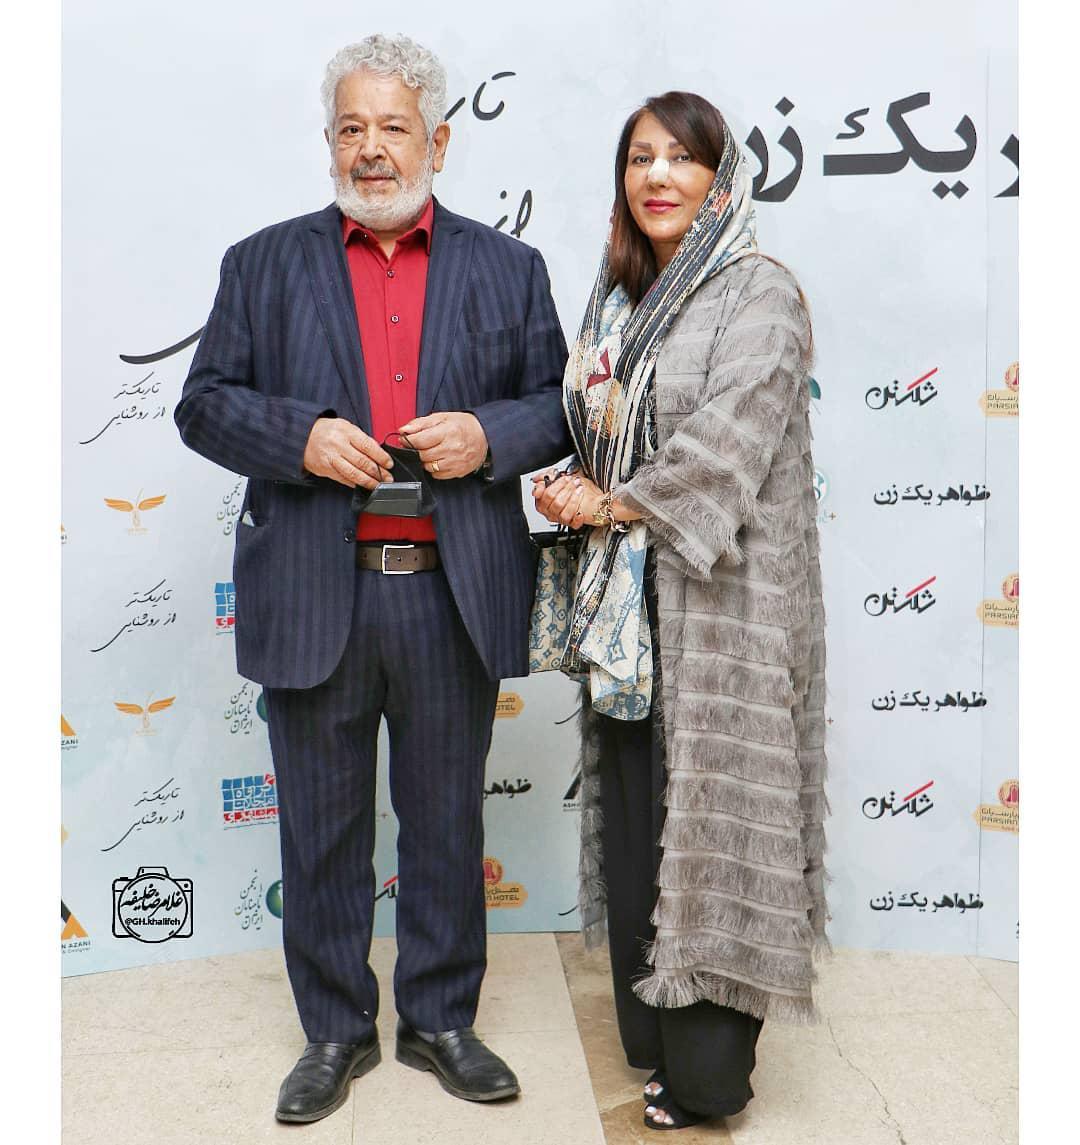 چهره ها/ رضا فیاضی و همسرش در مراسم اکران یک فیلم